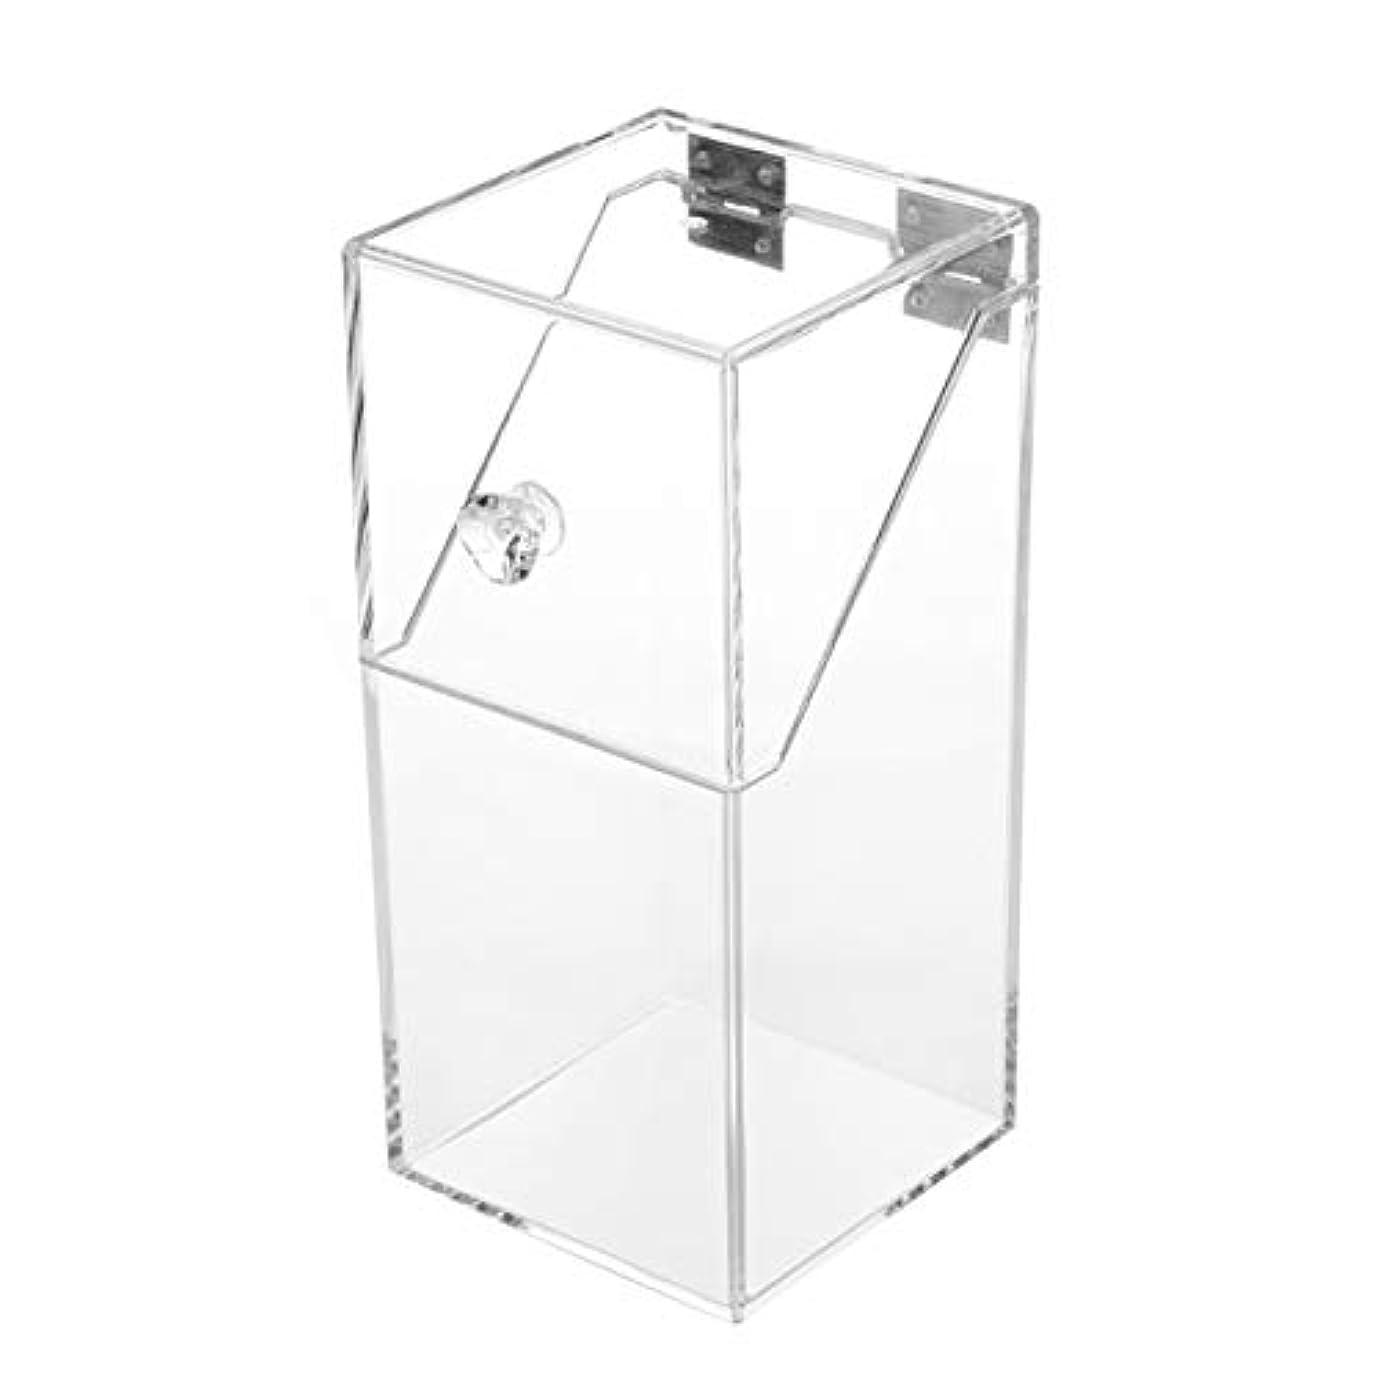 霧深い少年必要性Saikogoods 透明アクリルメイクアレンジストレージボックスシンプルなデザイン透明卓上化粧ブラシホルダーオーガナイザーケース トランスペアレント L